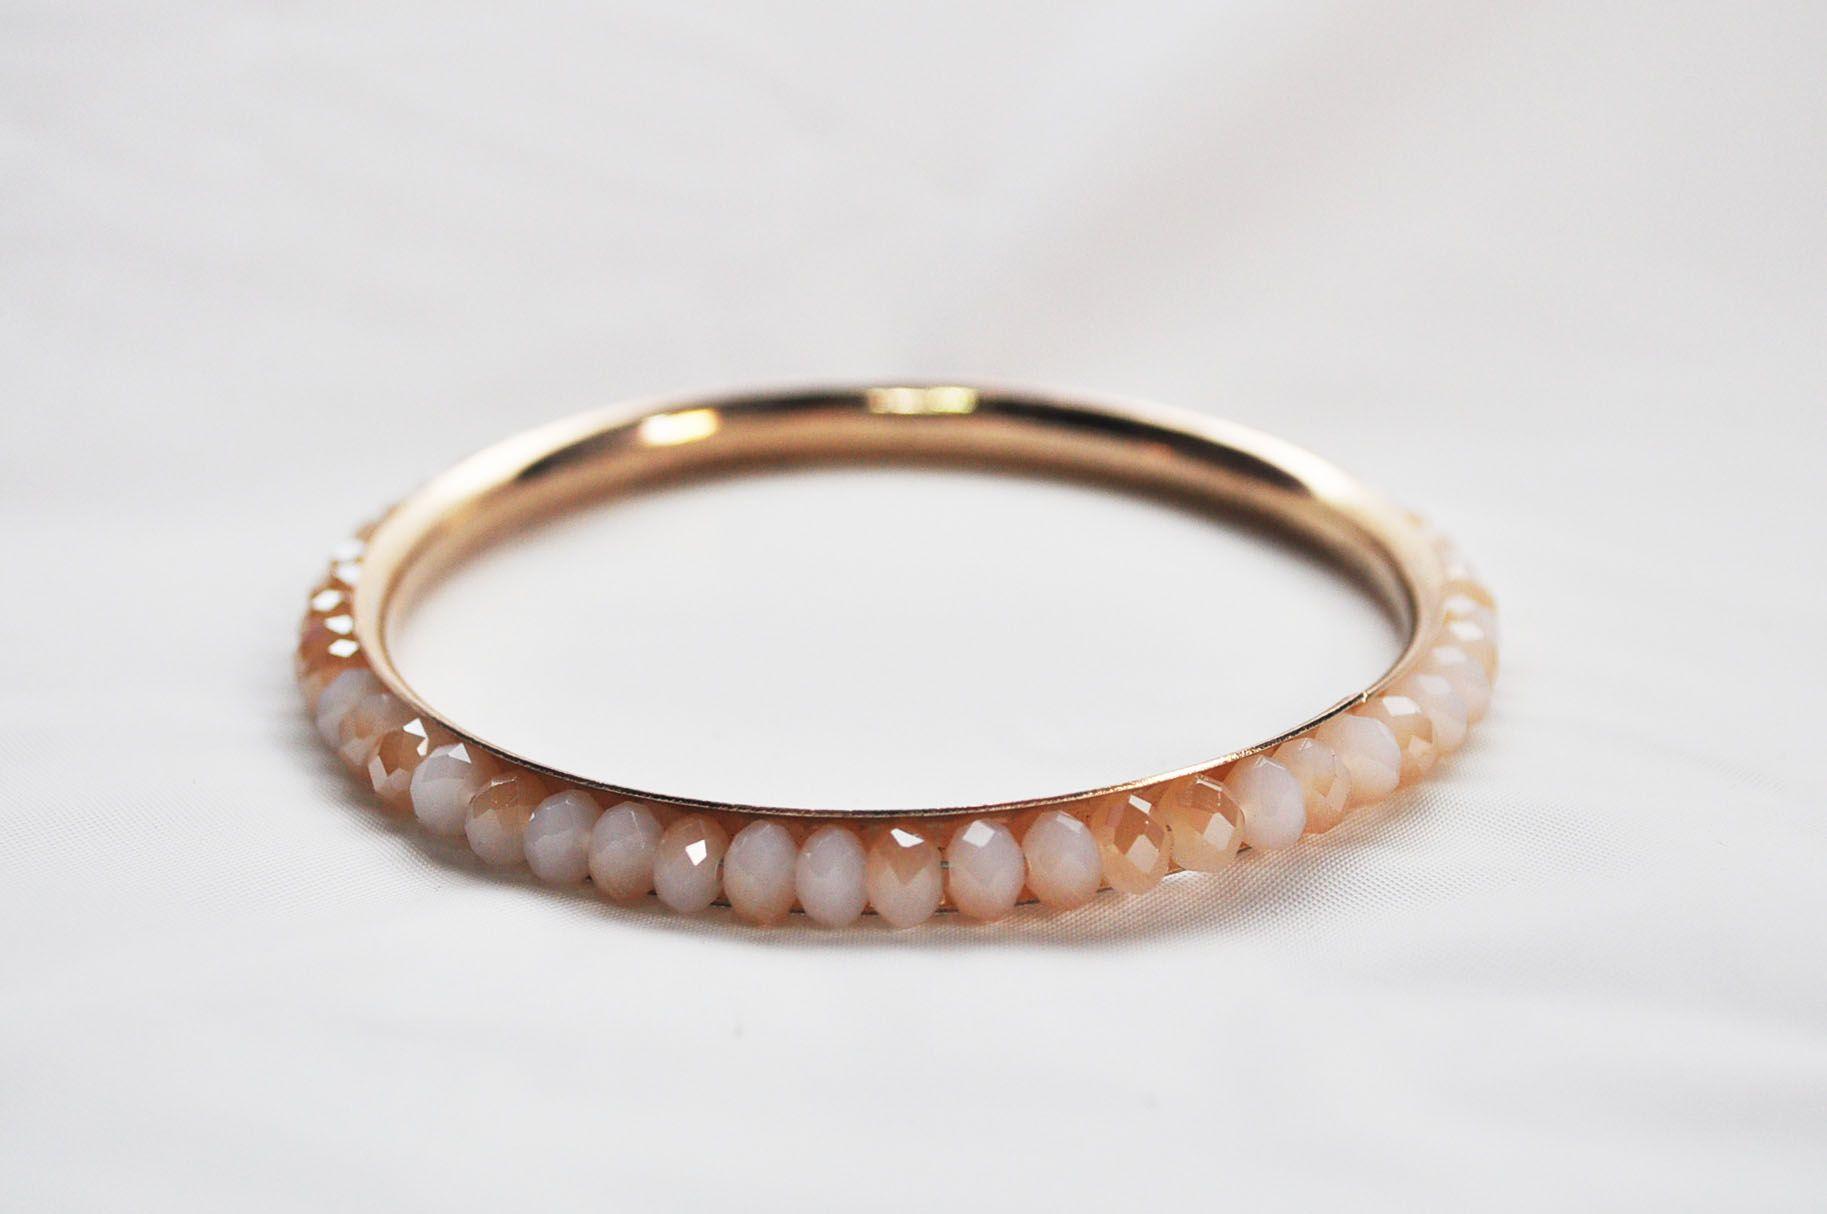 Pulseira (bracelet)  - Todos os direitos reservados™